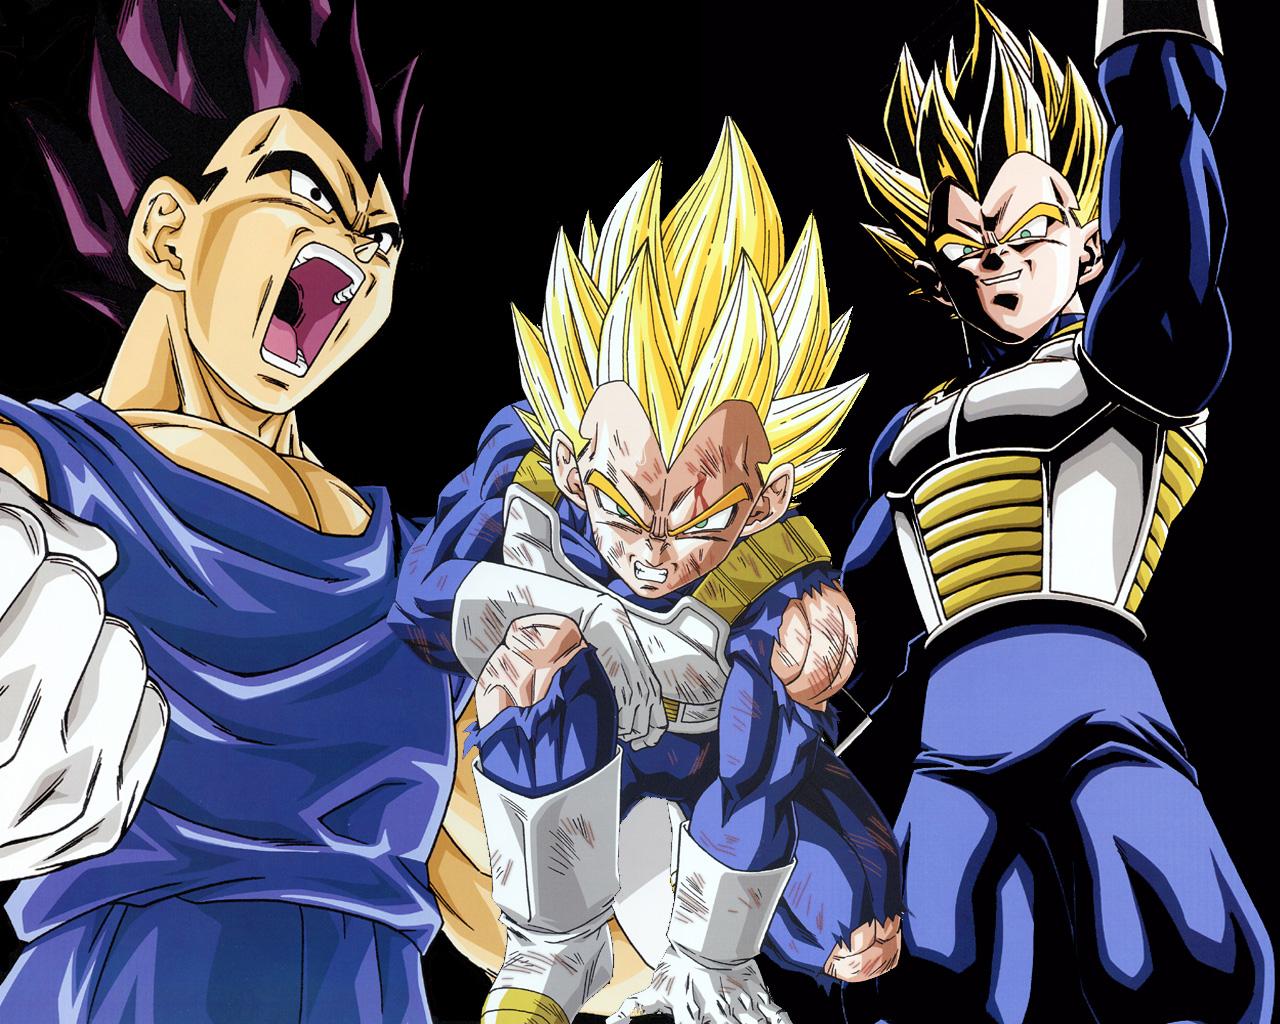 Goku o Vegeta E aqui un gran lio   Taringa 1280x1024